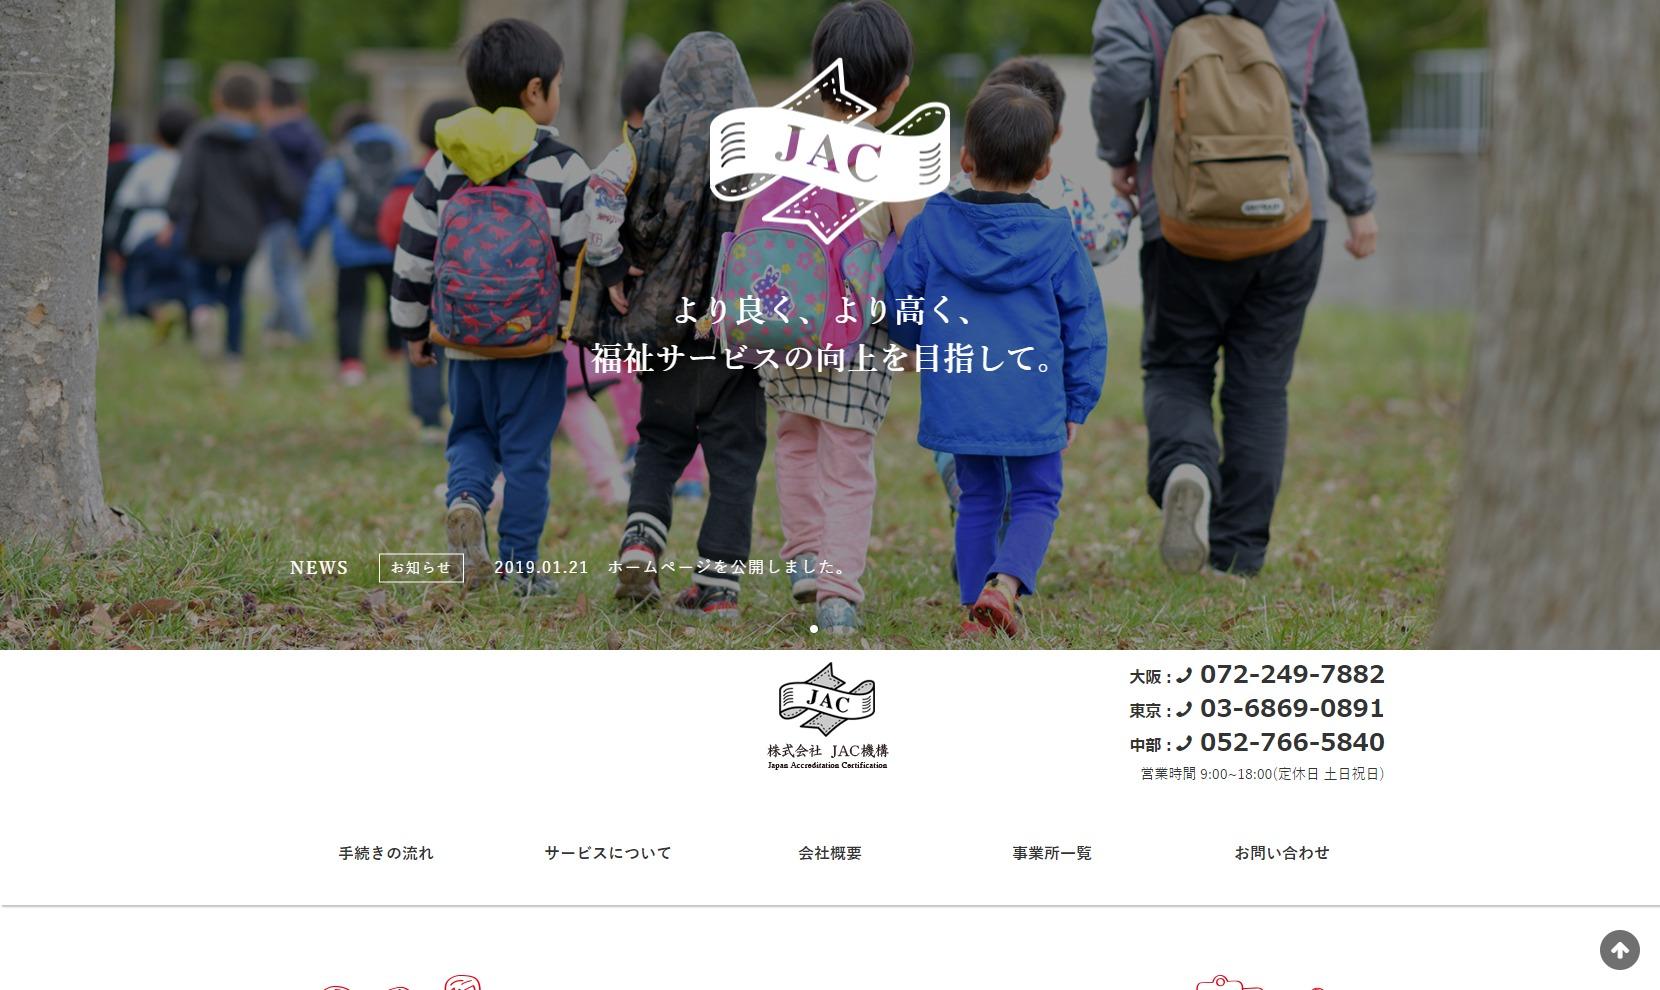 株式会社JAC機構のホームページ